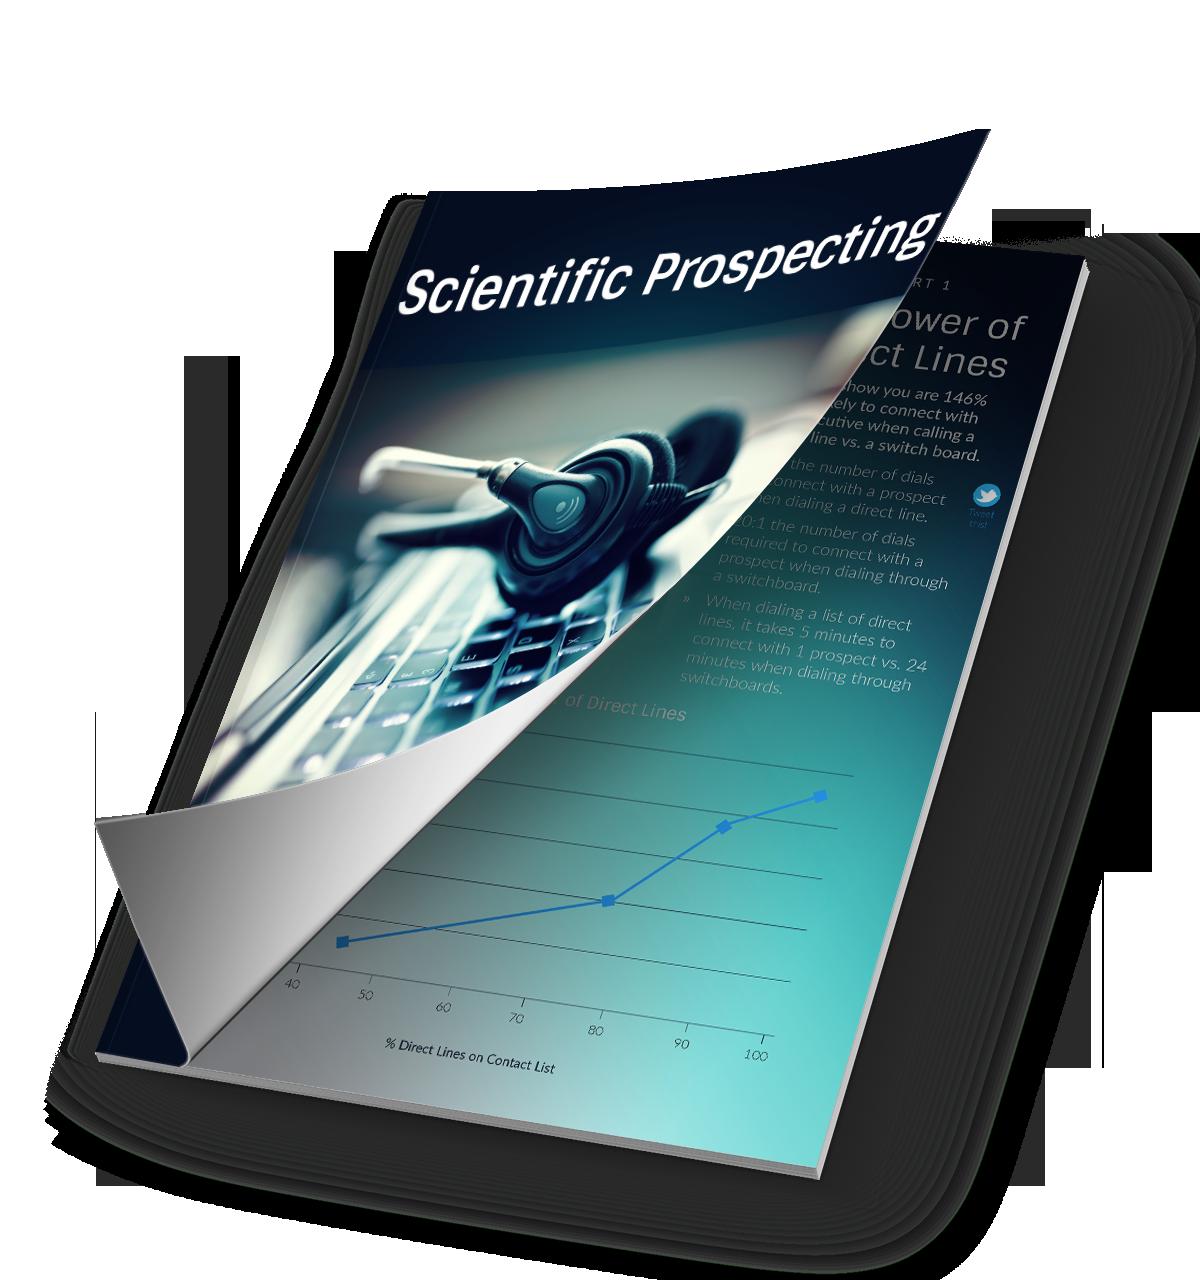 Scientific Prospecting